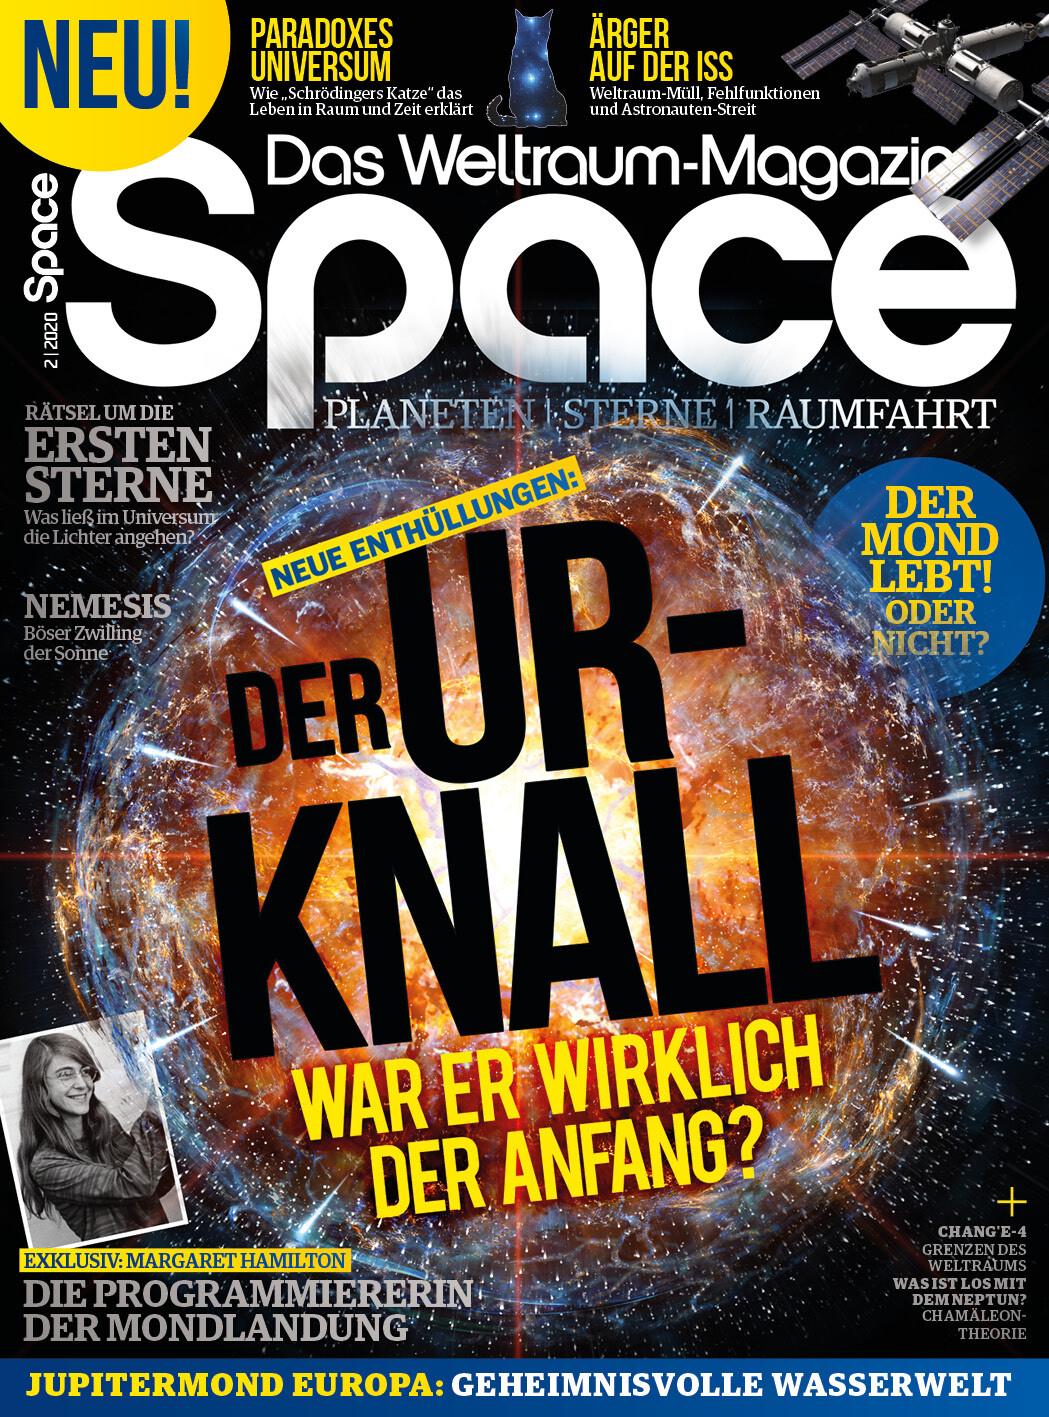 Space Weltraum Magazin 02/2020